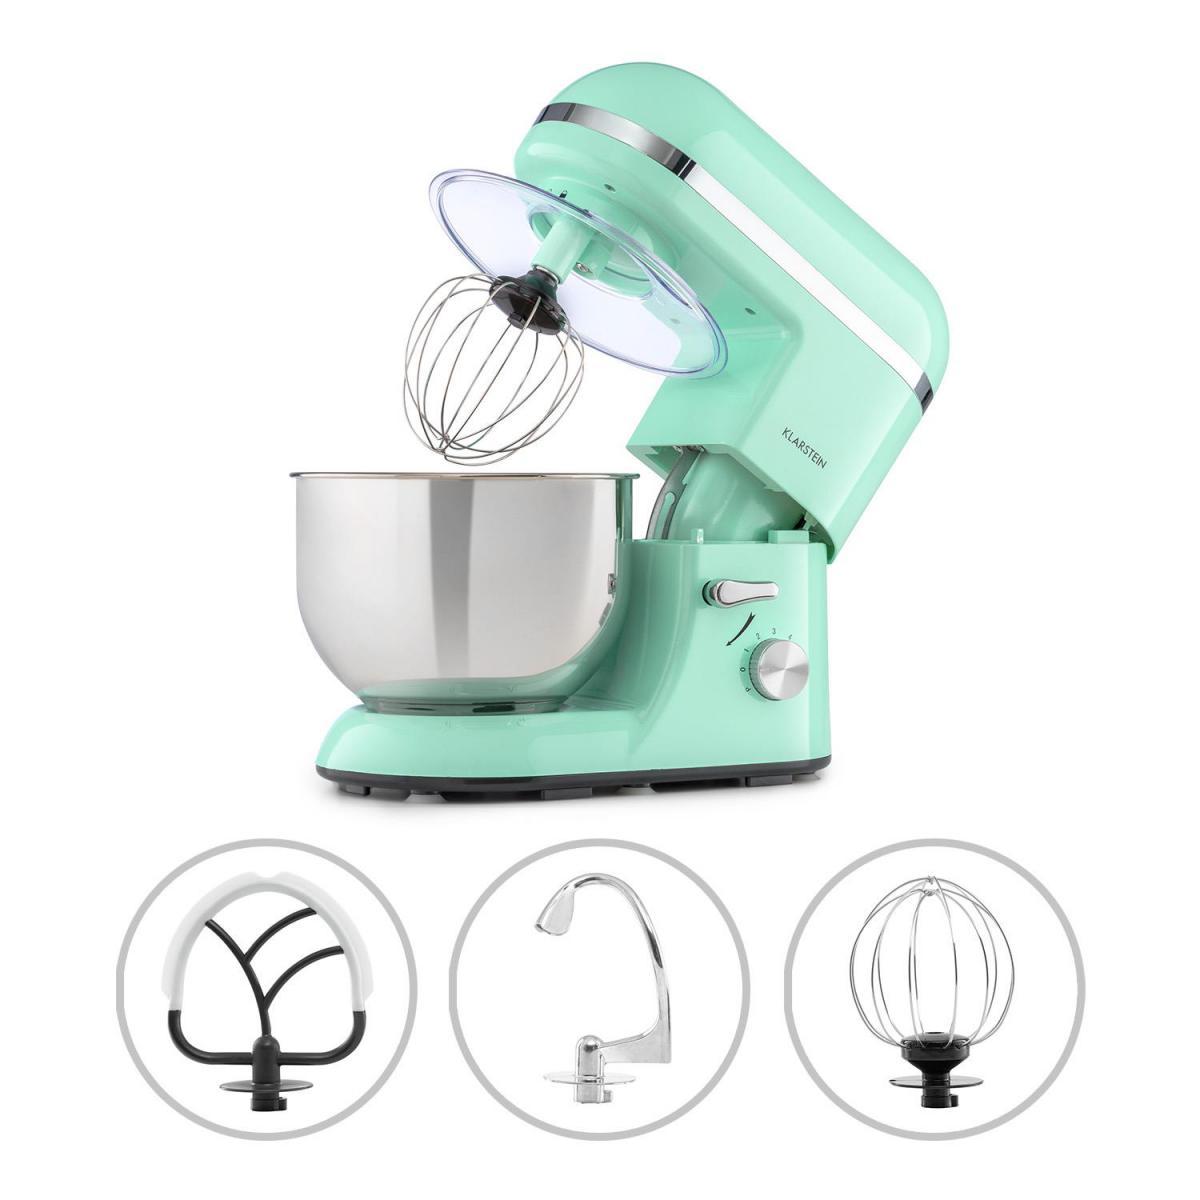 Klarstein Klarstein Bella Elegance - Robot de cuisine 1300W, bol mélangeur inox 5L, 6 vitesses - Vert